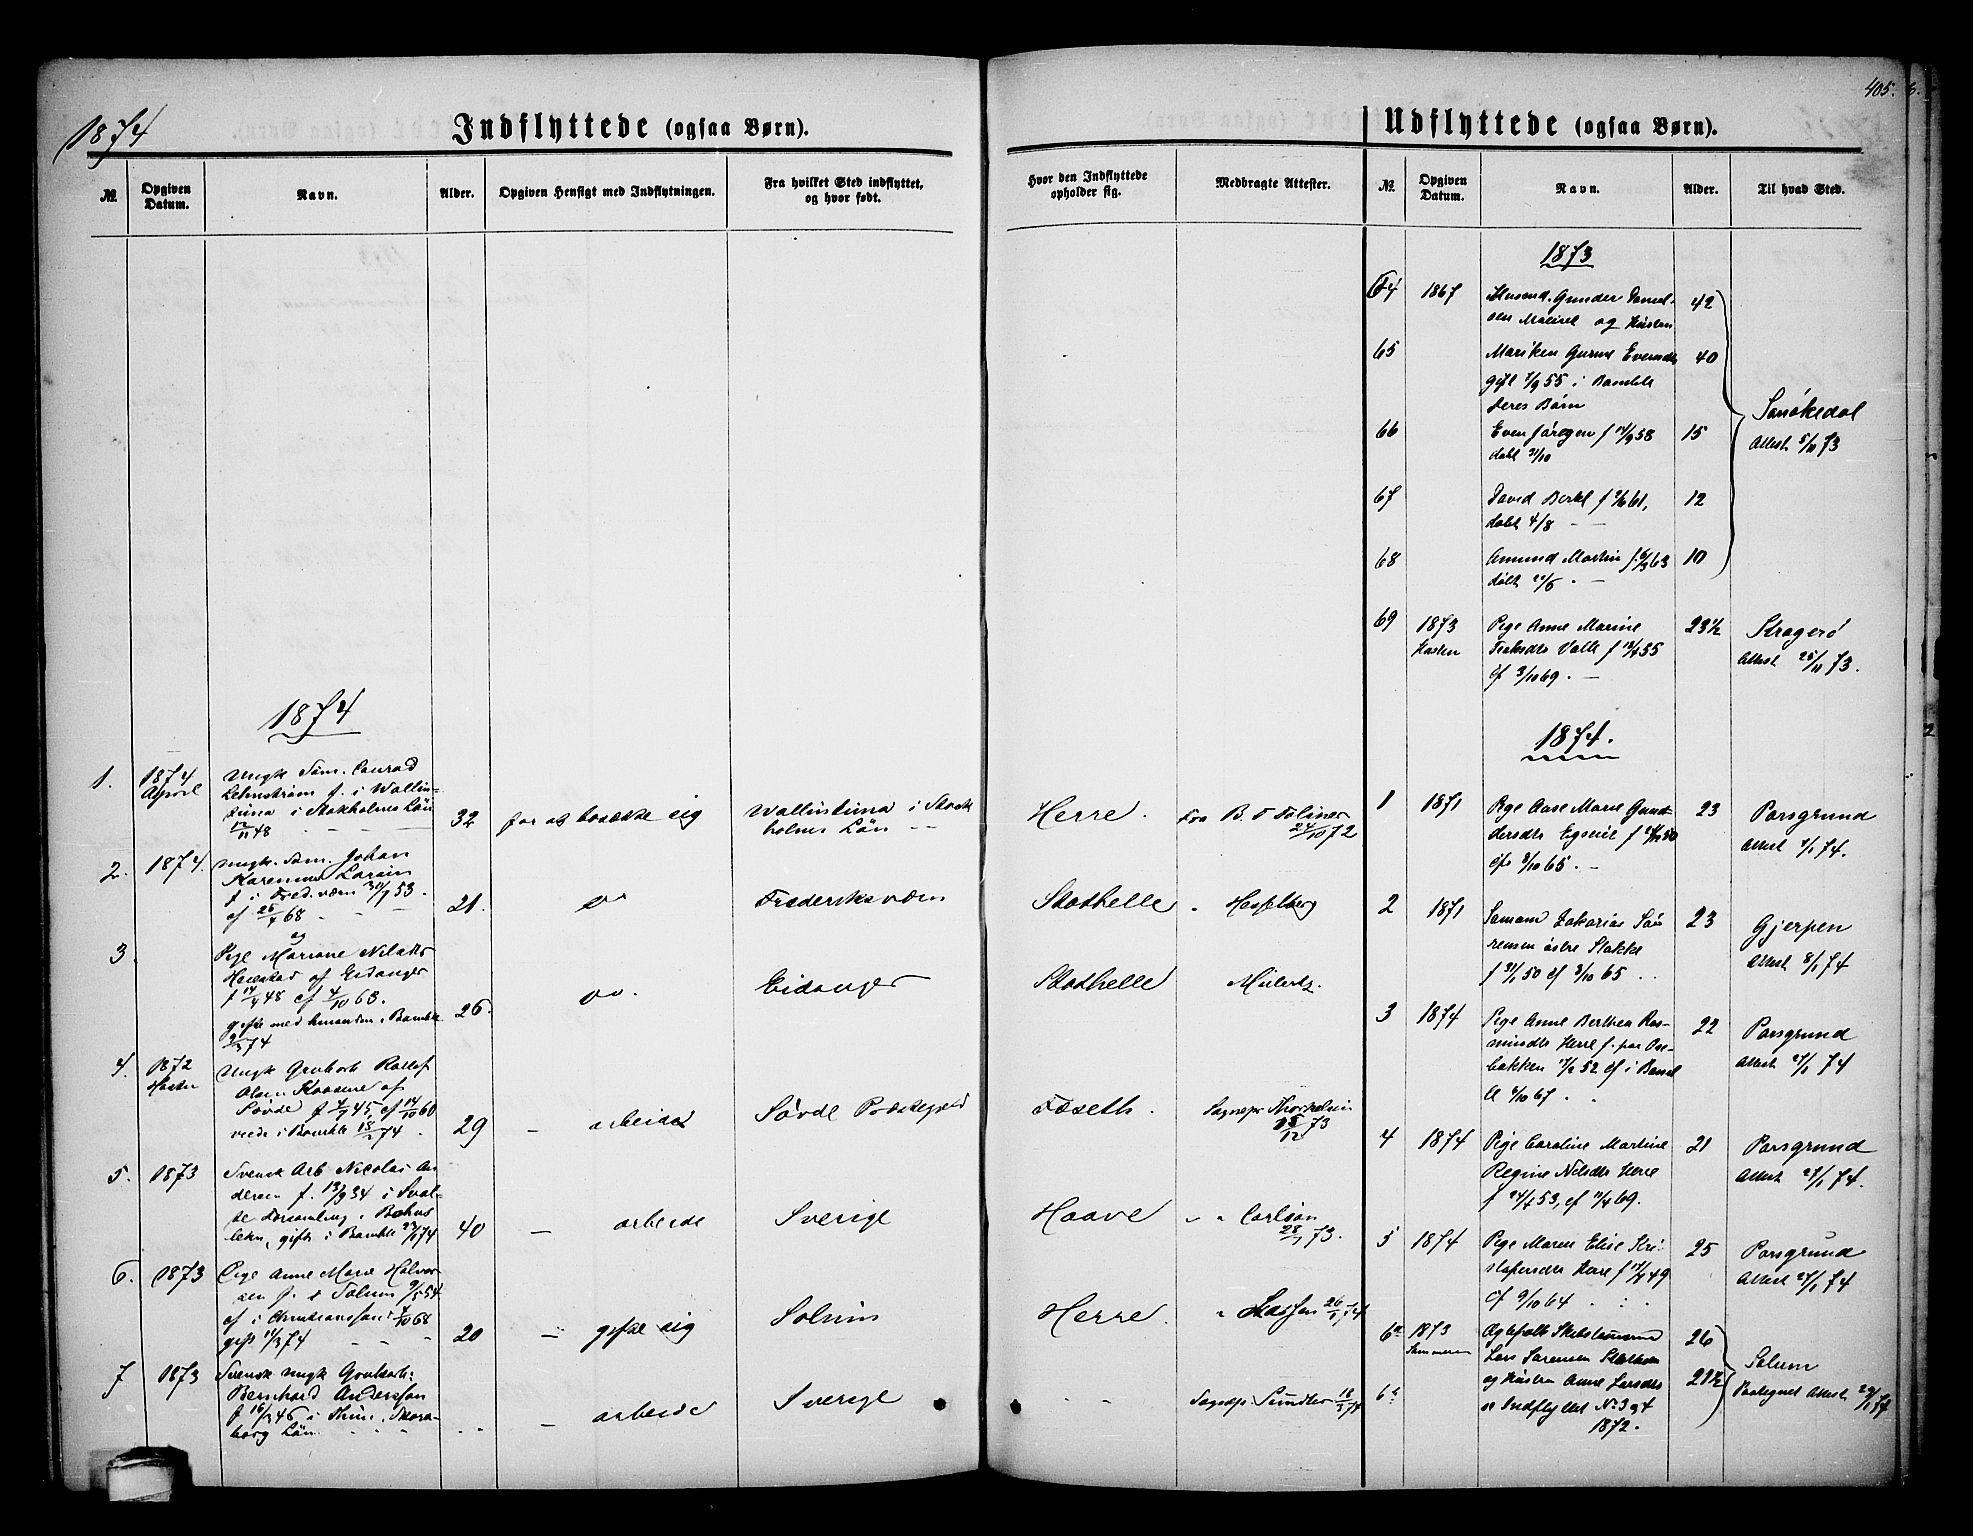 SAKO, Bamble kirkebøker, G/Ga/L0006: Klokkerbok nr. I 6, 1860-1876, s. 405